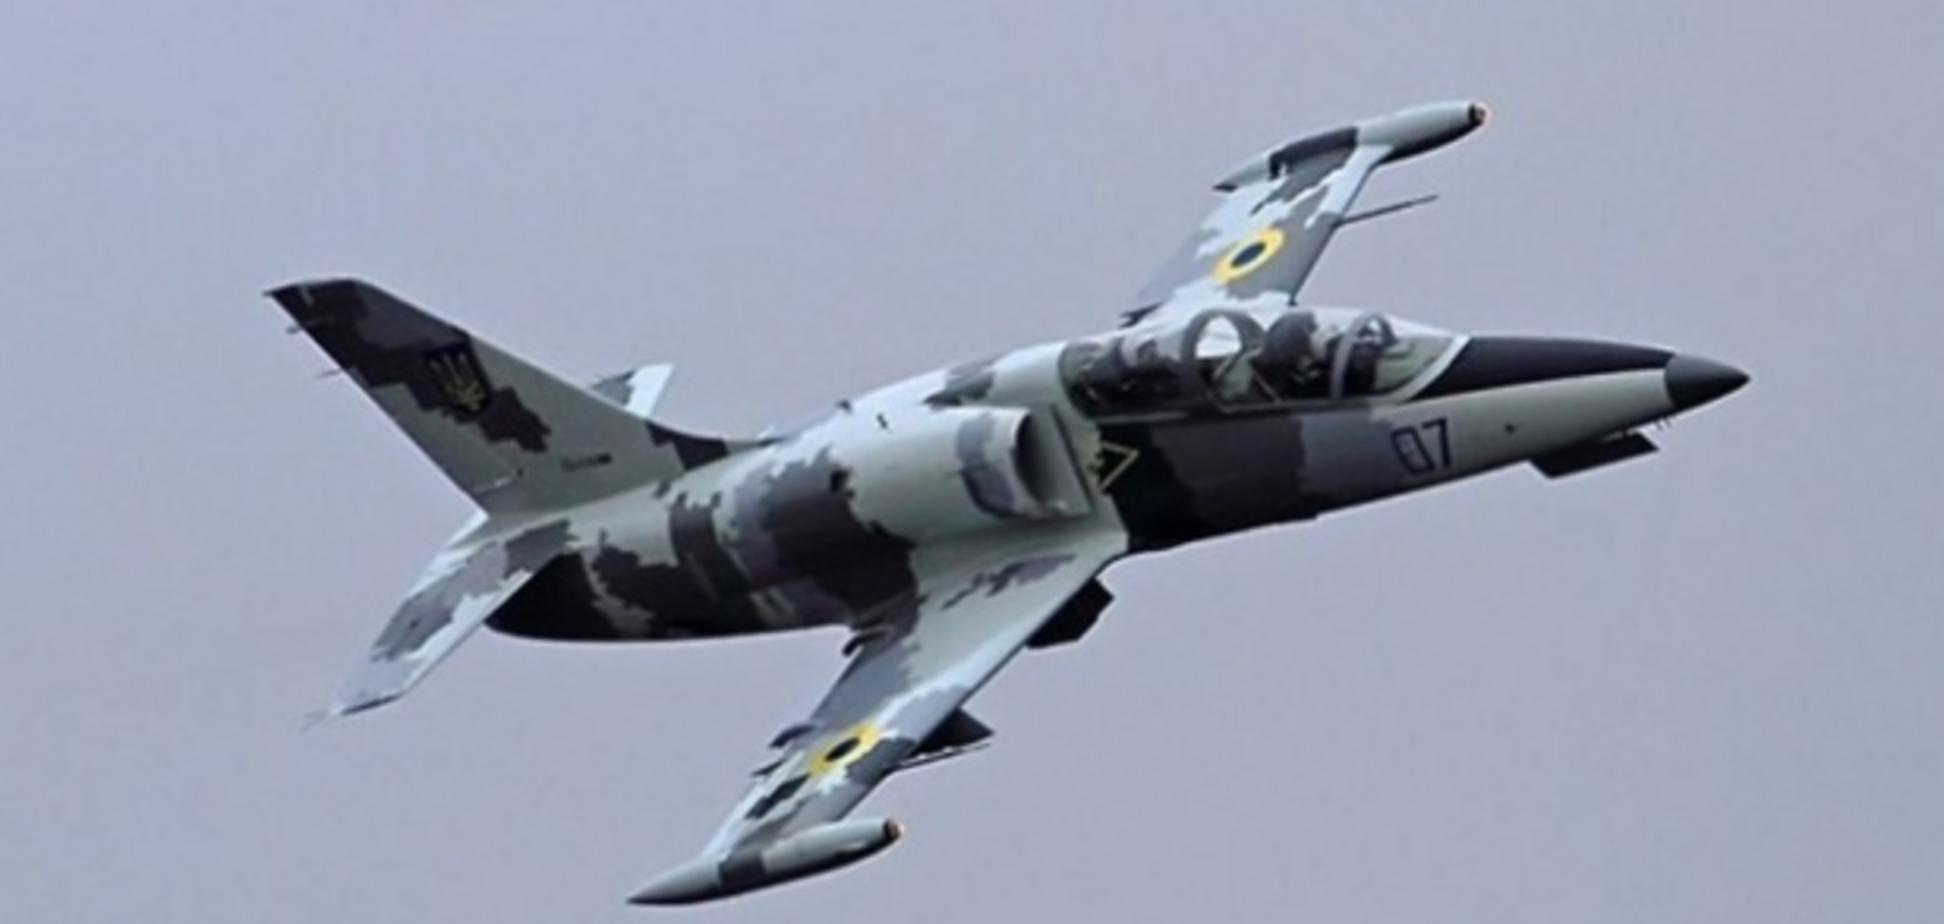 На Харьковщине разбился самолет Л-39